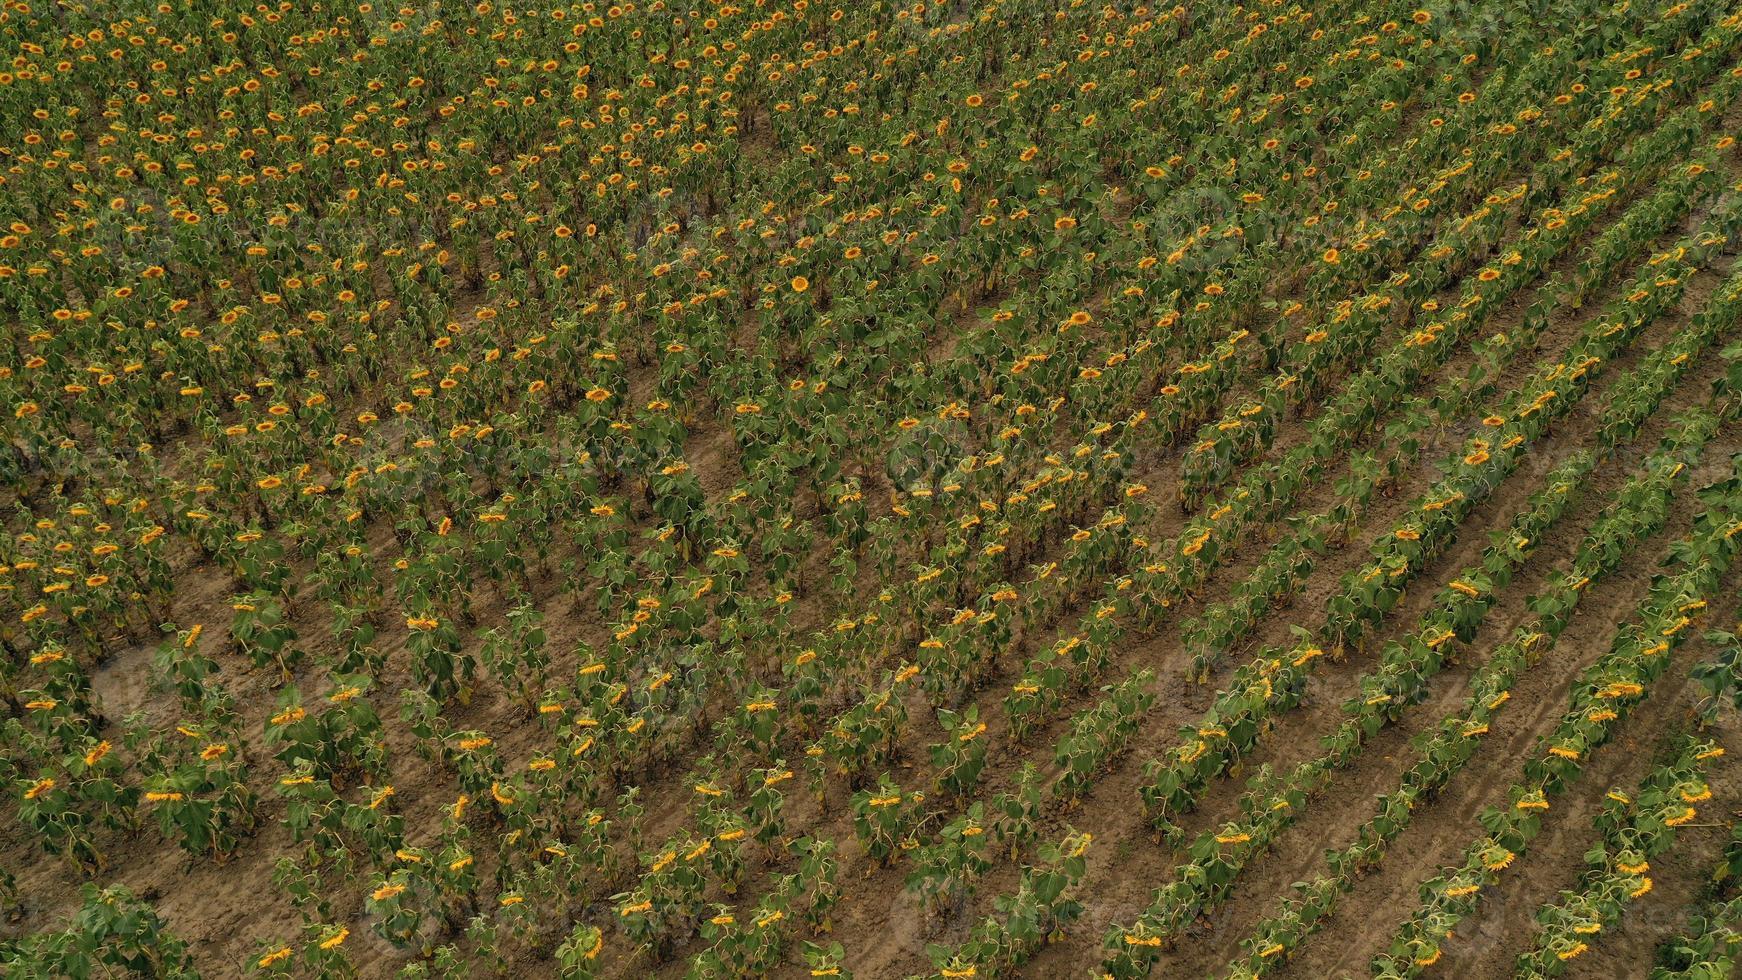 Luftaufnahme eines großen Sonnenblumenfeldes, das mit einer schönen goldenen Farbe blüht. foto